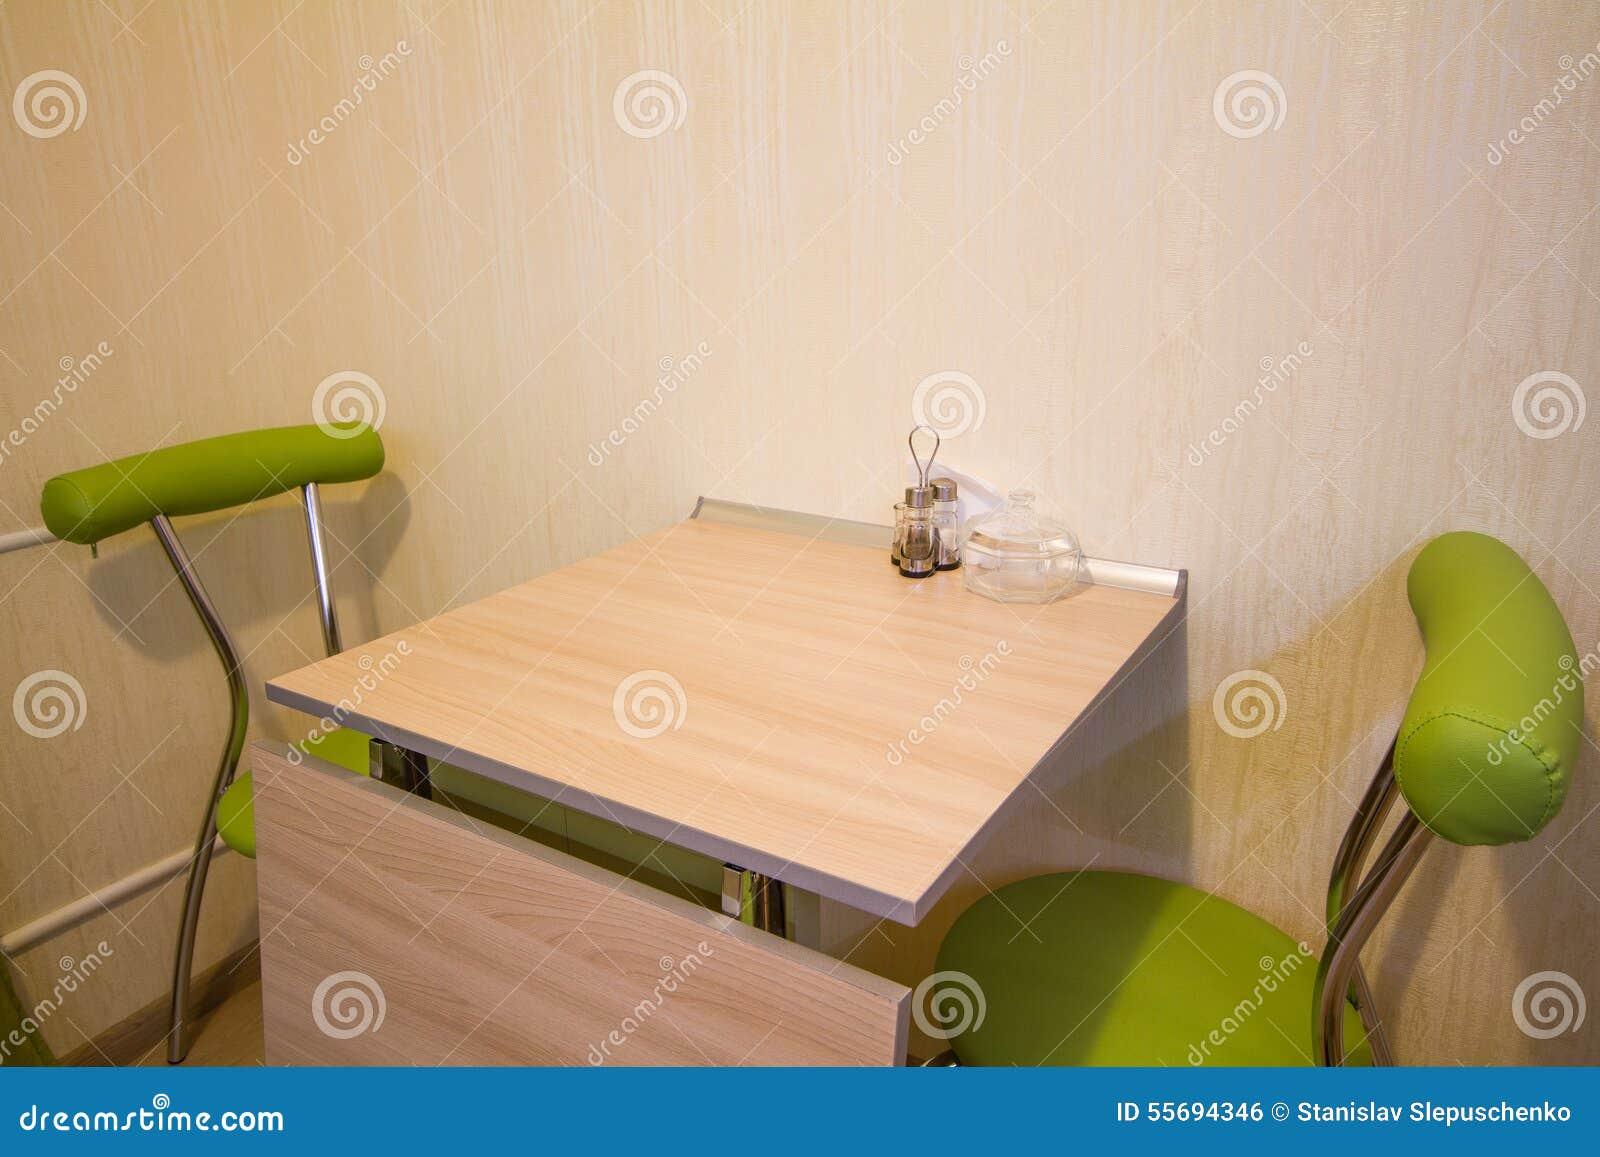 Piccolo Tavolo Da Cucina Con Due Sedie Verdi Fotografia ...